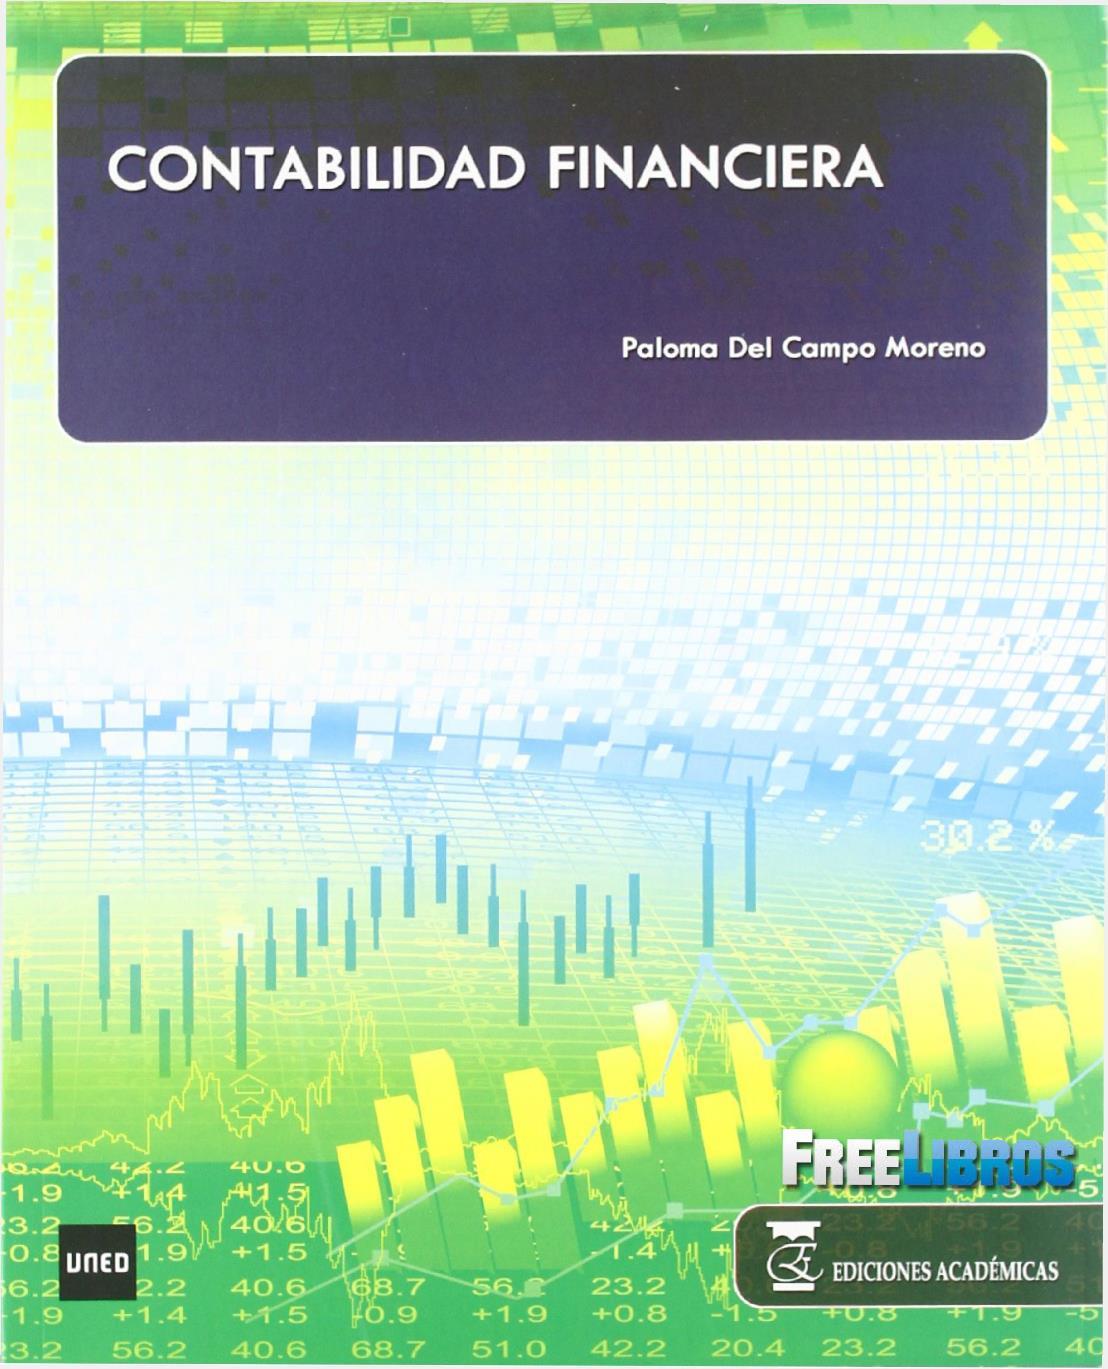 Contabilidad financiera – Paloma Del Campo Moreno